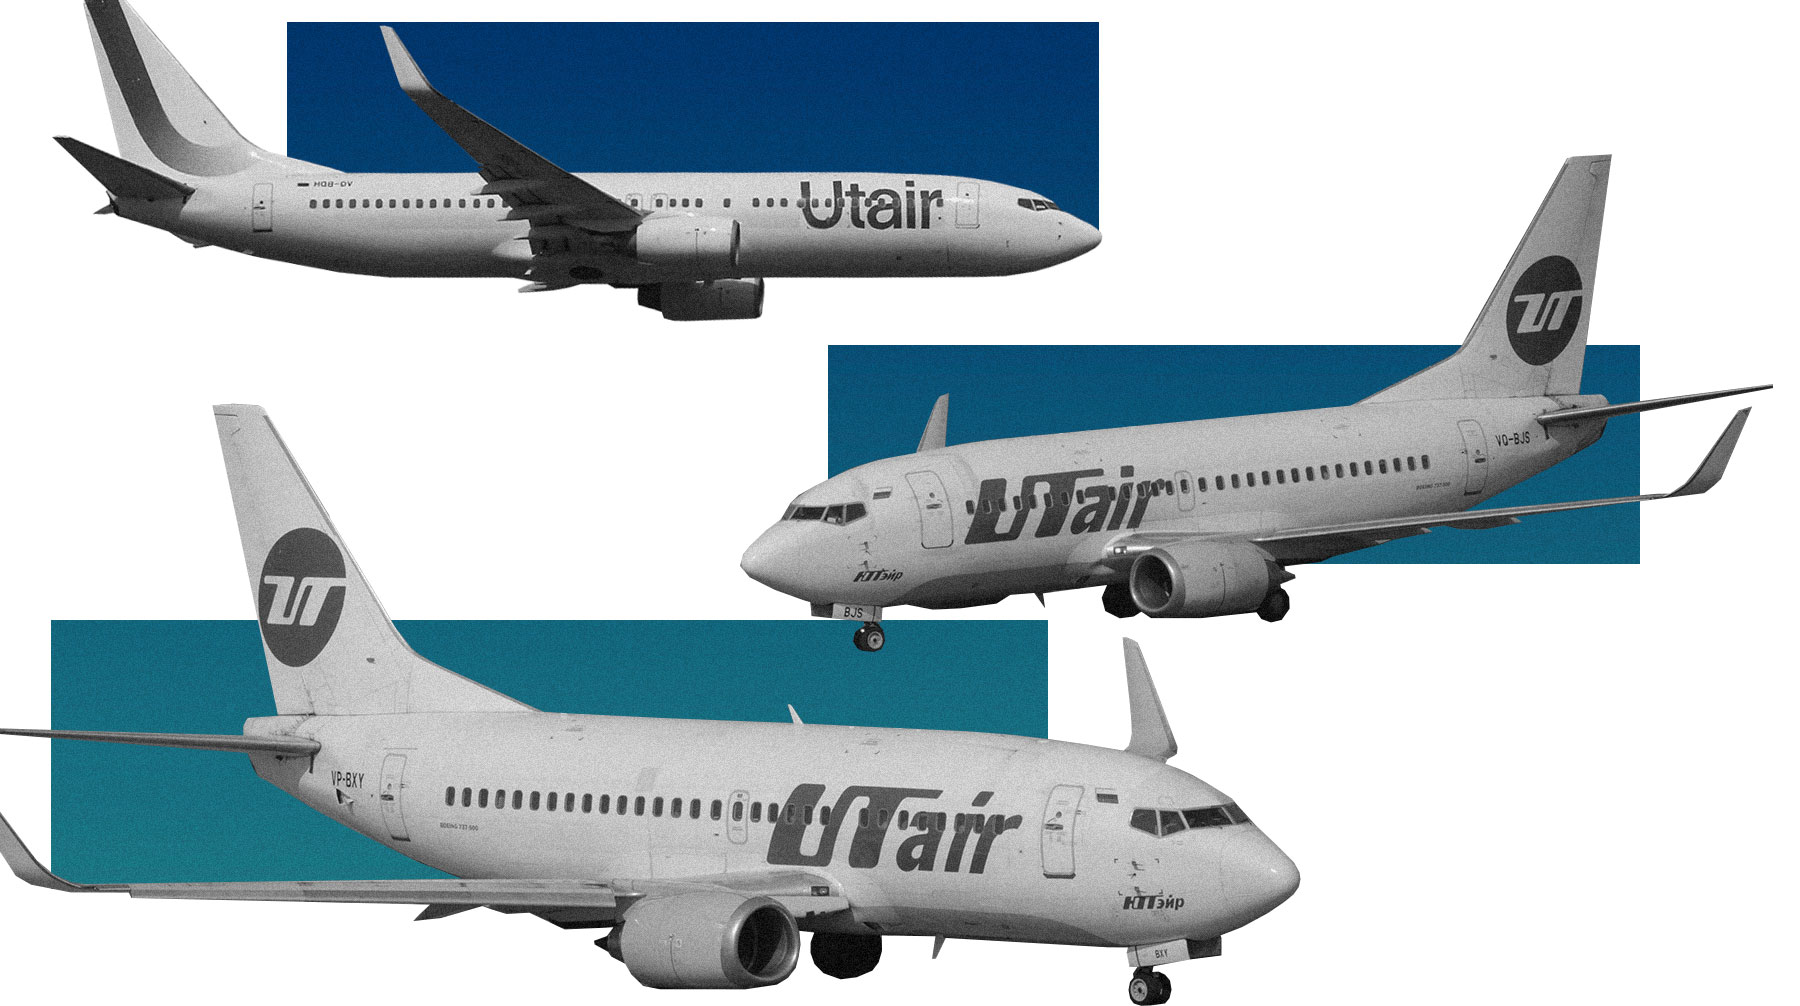 Utair разрешил перевозить в салоне самолета до 10 животных одновременно